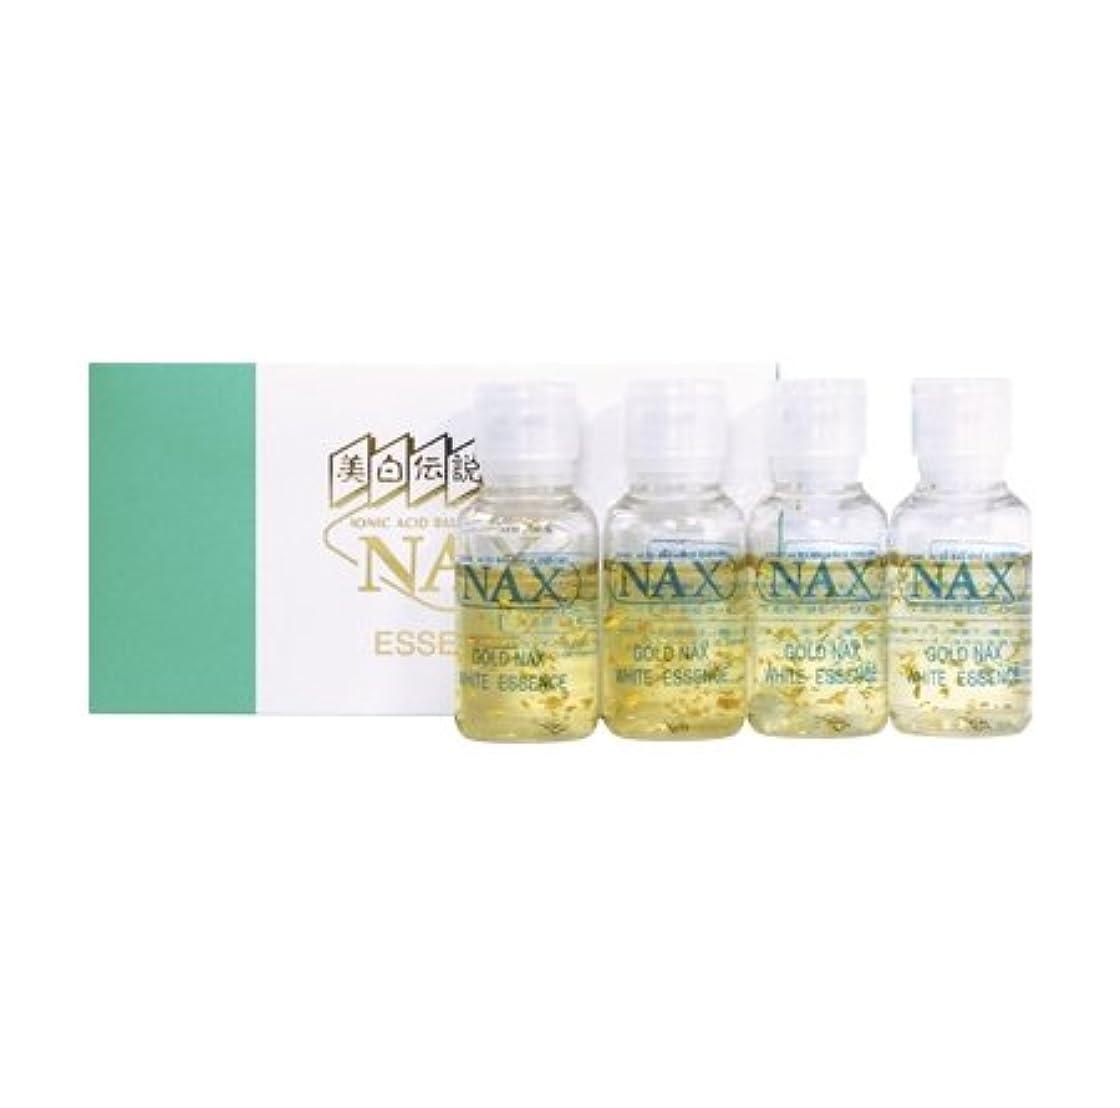 ゴールドコスメ NAX ホワイトエッセンス 美容液 超敏感肌用 12.5ml×4本